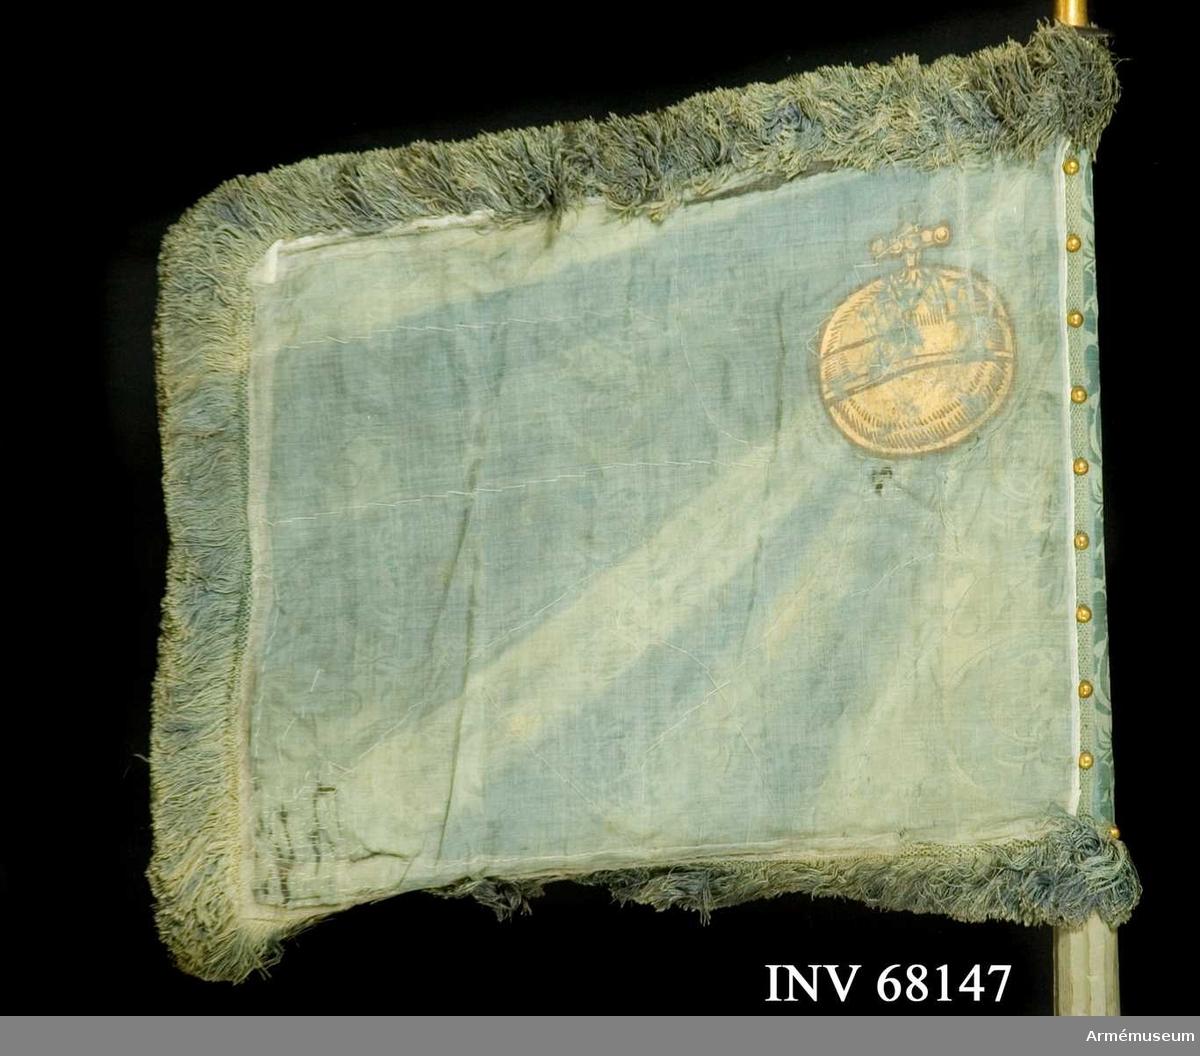 Duk: Enkel, tillverkad av blå sidendamast. Duken fäst vid stången med tre rader höga tennlikor av mässing på blått mönstervävt band.  Dekor: Målad i övre, inre hörnet, lika på båda sidor: ett riksäpple - Upplands vapen i brunskuggat guld.  Frans: Tillverkad av blått silke.  Stång: Tillverkad av trä, kannelerad, gråblåmålad. Holk av mässing, spets saknas. Löpnit(?).